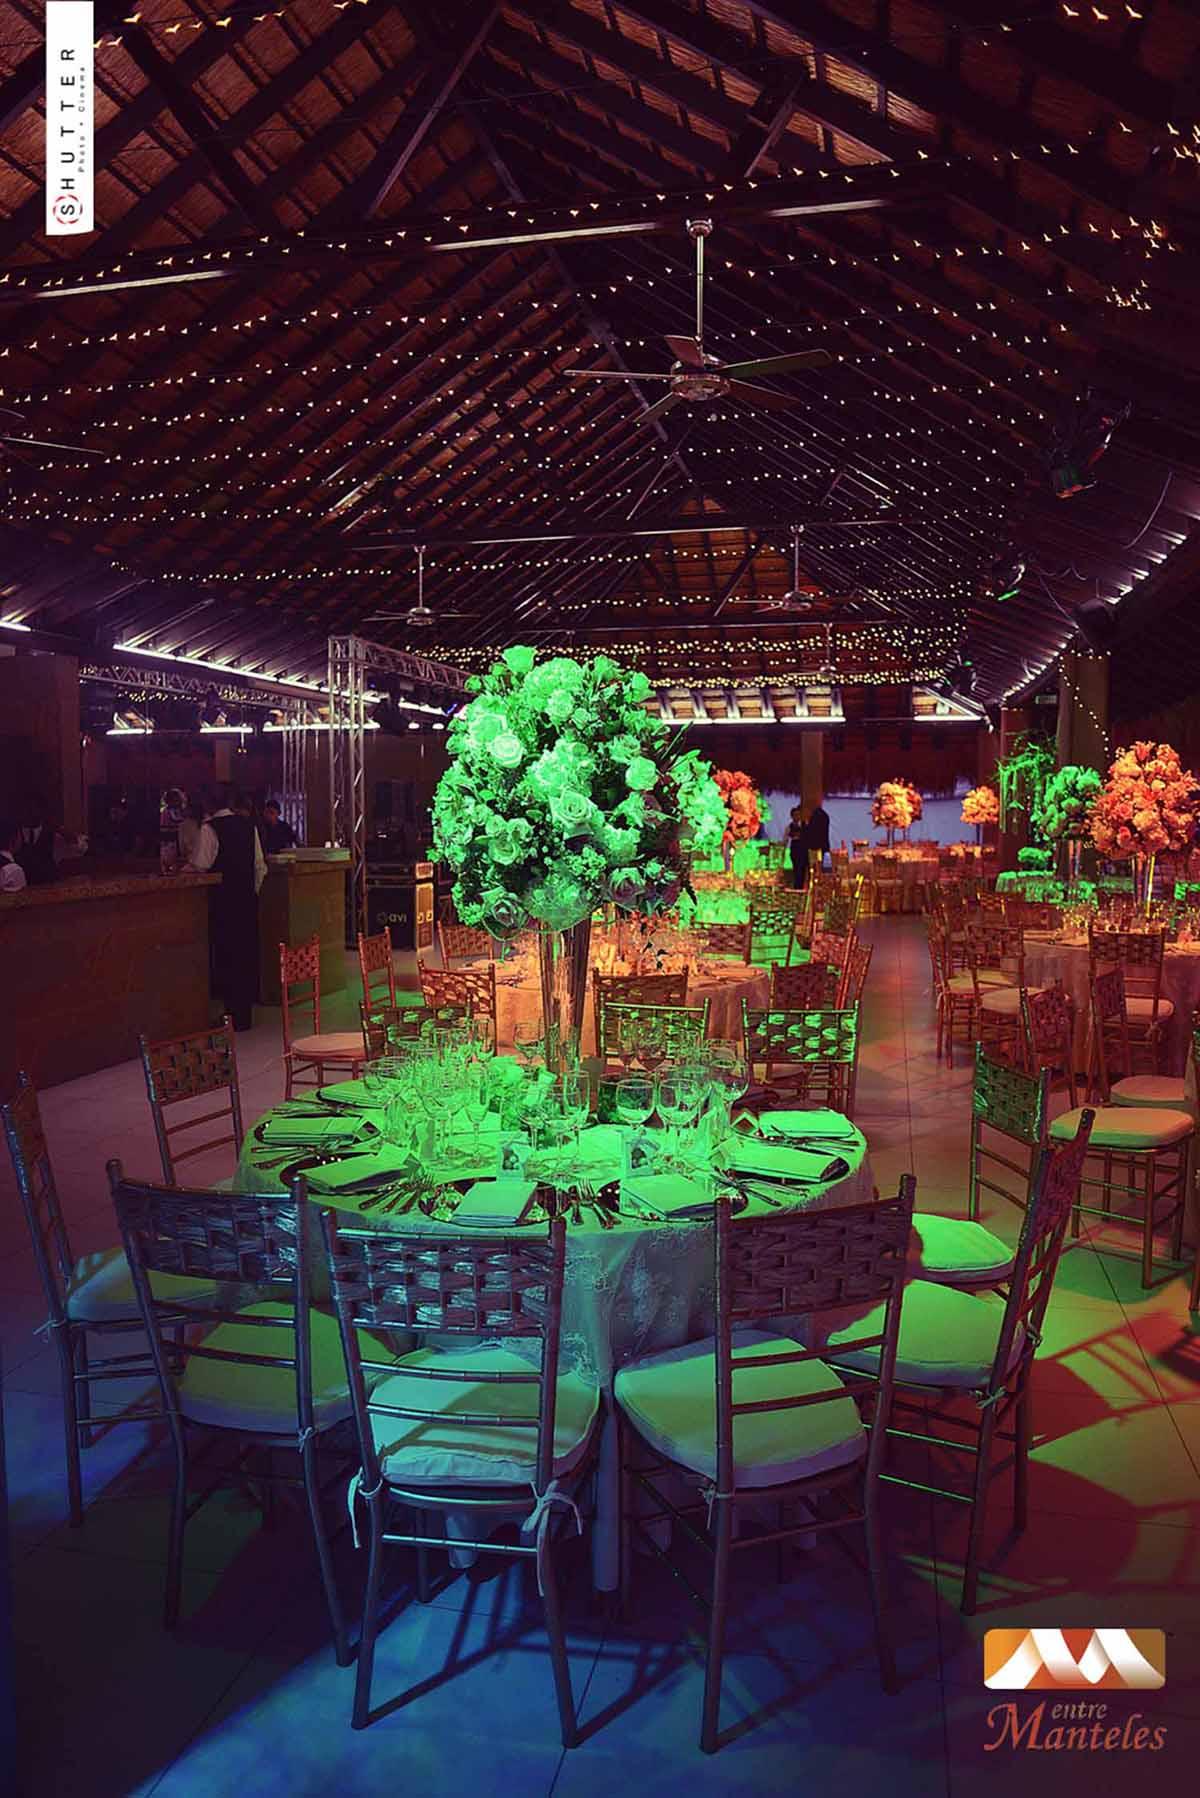 bodas cali fiestas tematicas decoracion de bodas en cali decoradores cali eventos